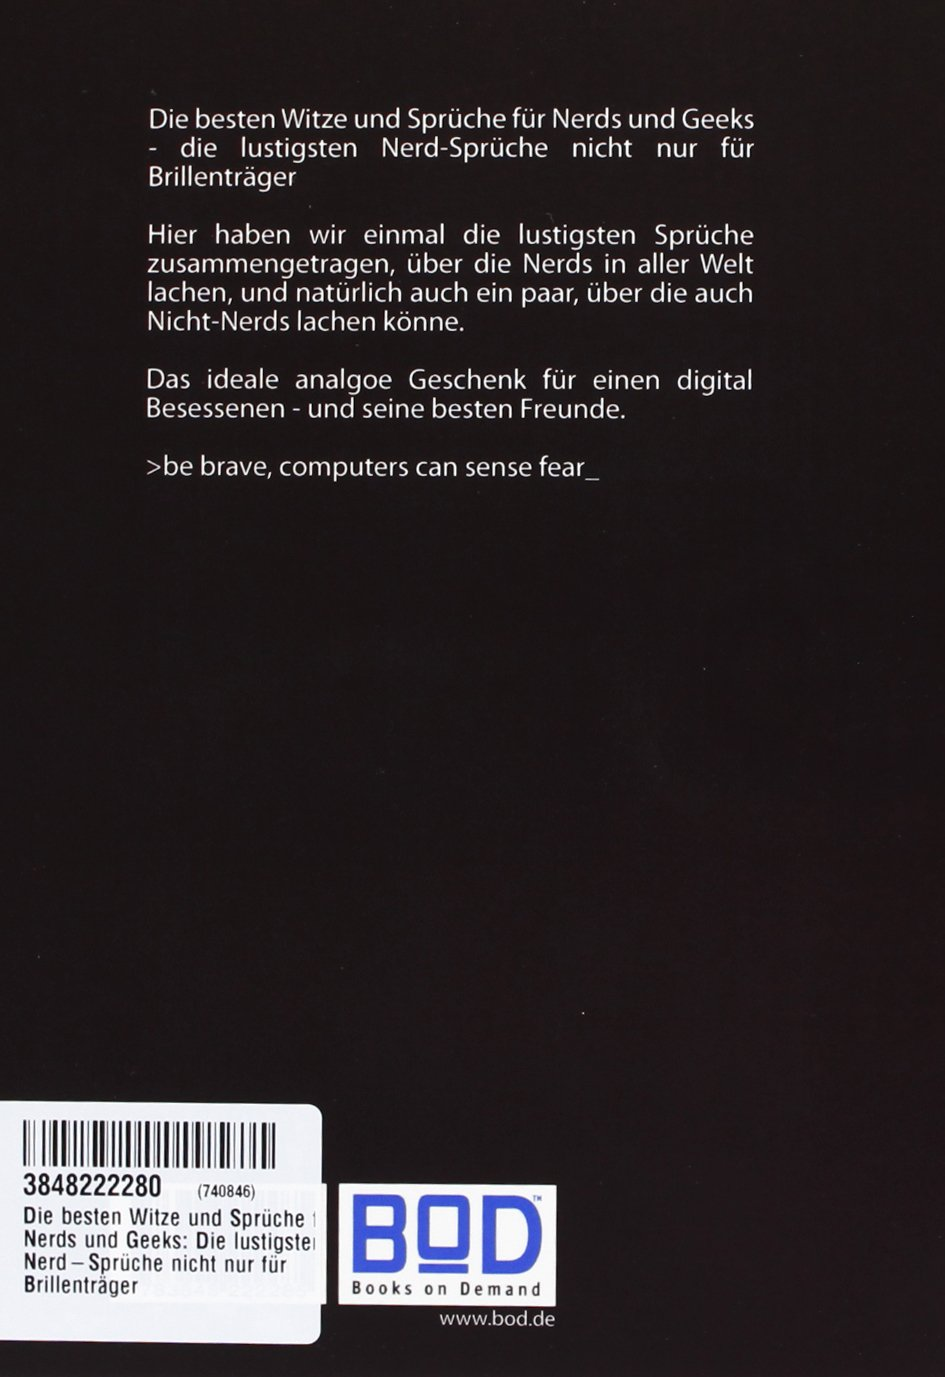 Die Besten Witze Und Sprüche Für Nerds Und Geeks: Die Lustigsten Nerd  Sprüche Nicht Nur Für Brillenträger: Amazon.de: Thomas Meyer: Bücher